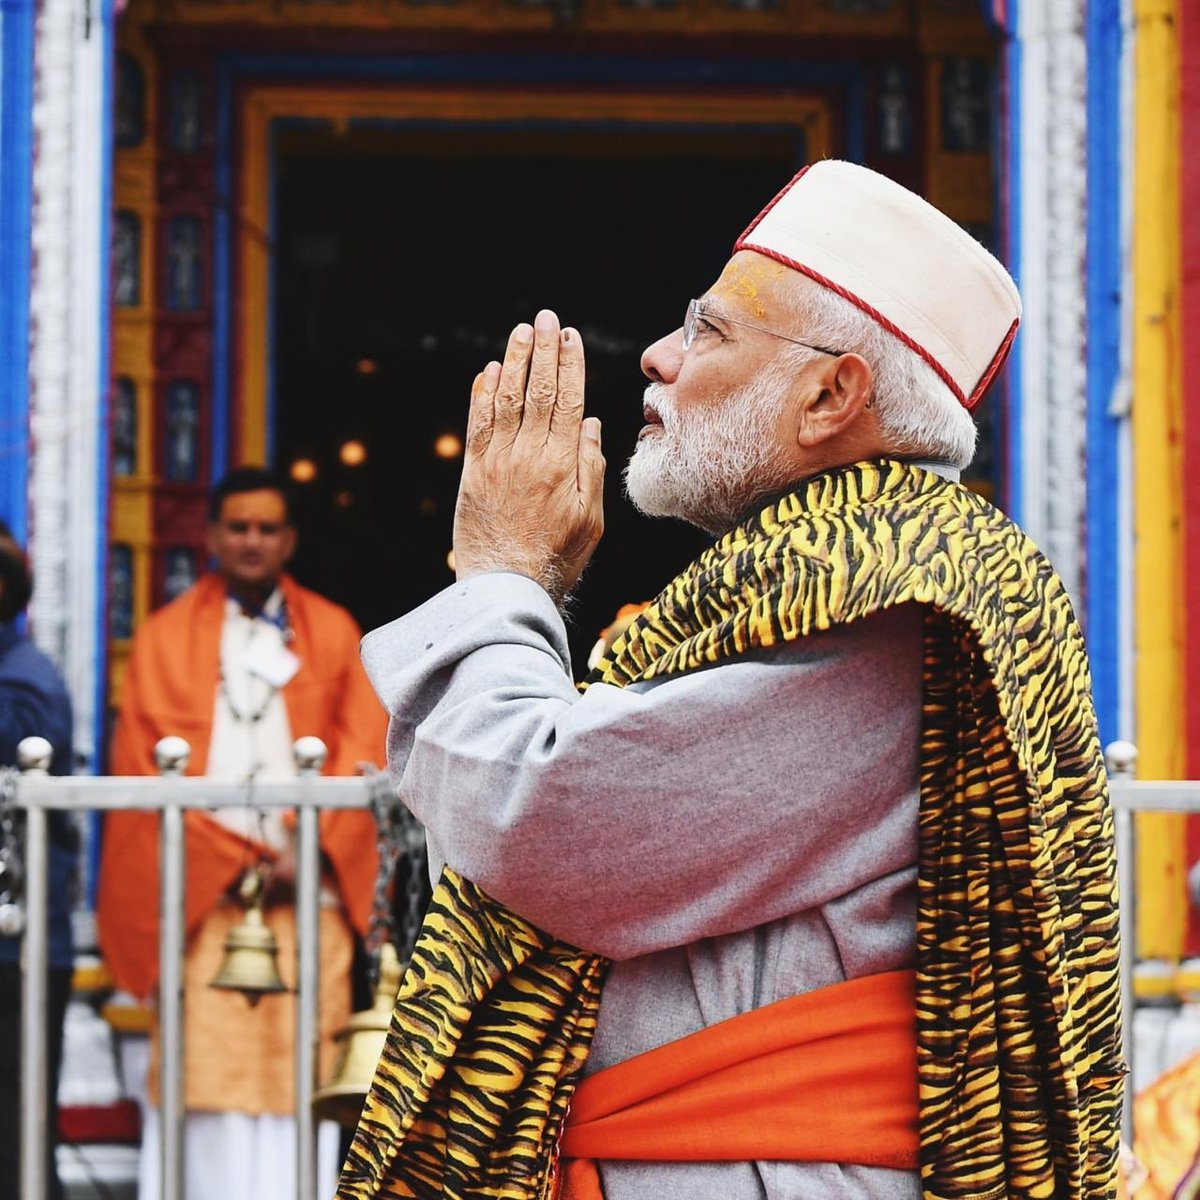 🌻🌺॥ जय बाबा केदारनाथ ॥🌺🌻 🌺🌻🌺॥ हर हर महादेव ॥🌺🌻🌺   #केदारनाथ मंदिर में महादेव के अनन्य भक्त, आ.प्रधानमंत्री श्री @narendramodi जी ने आज #भगवान_शिव की पूजा-अर्चना की एवं सभी भारतवासियों के कल्याण की कामना की।